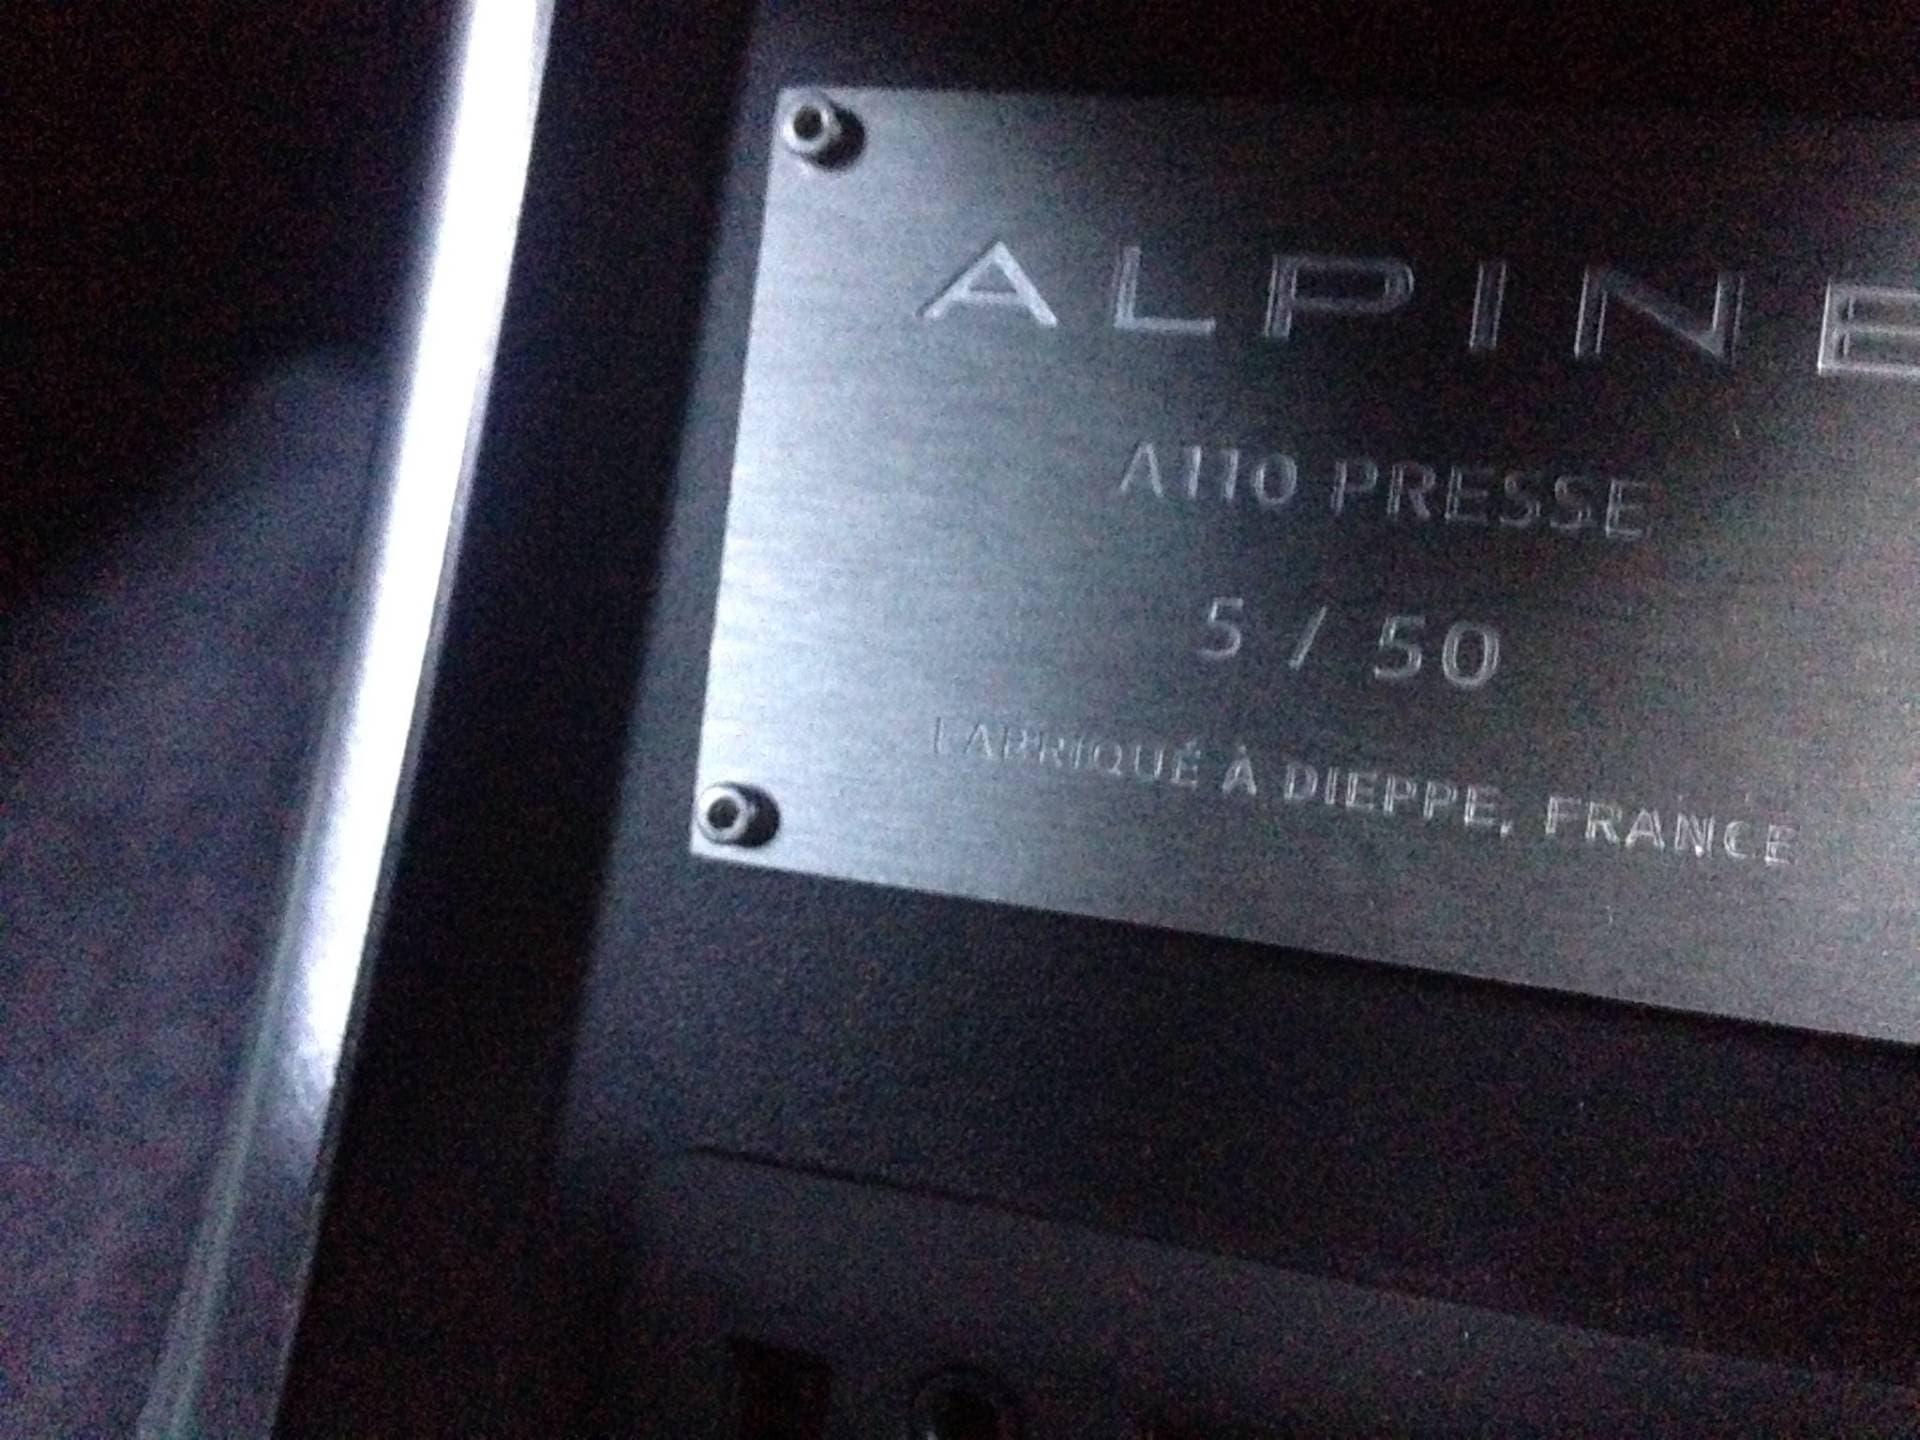 Alpine A110 Essais Presse International 2 | Les essais presse débutent pour l'Alpine A110 !